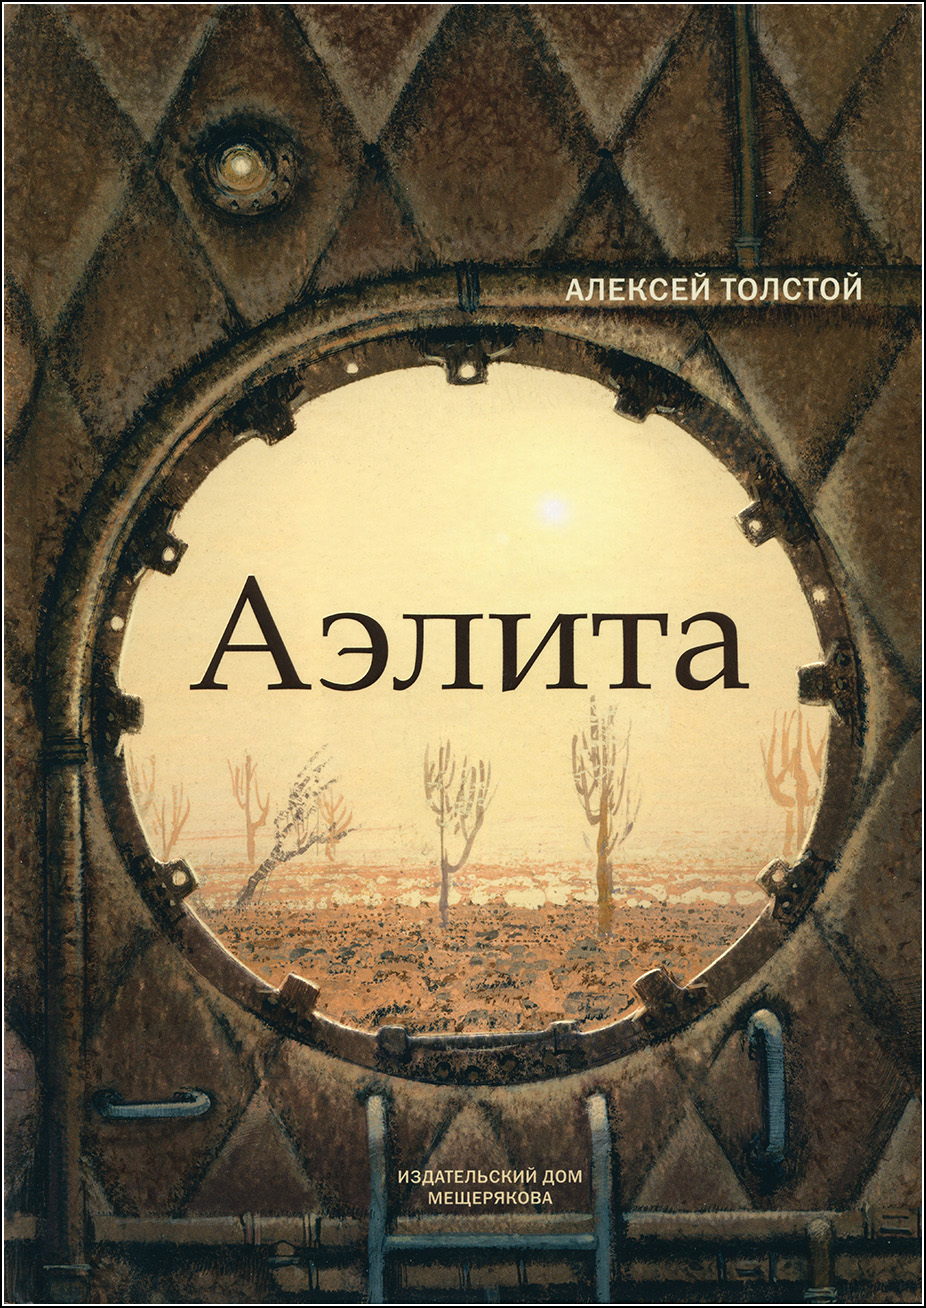 Игорь Олейников, Аэлита